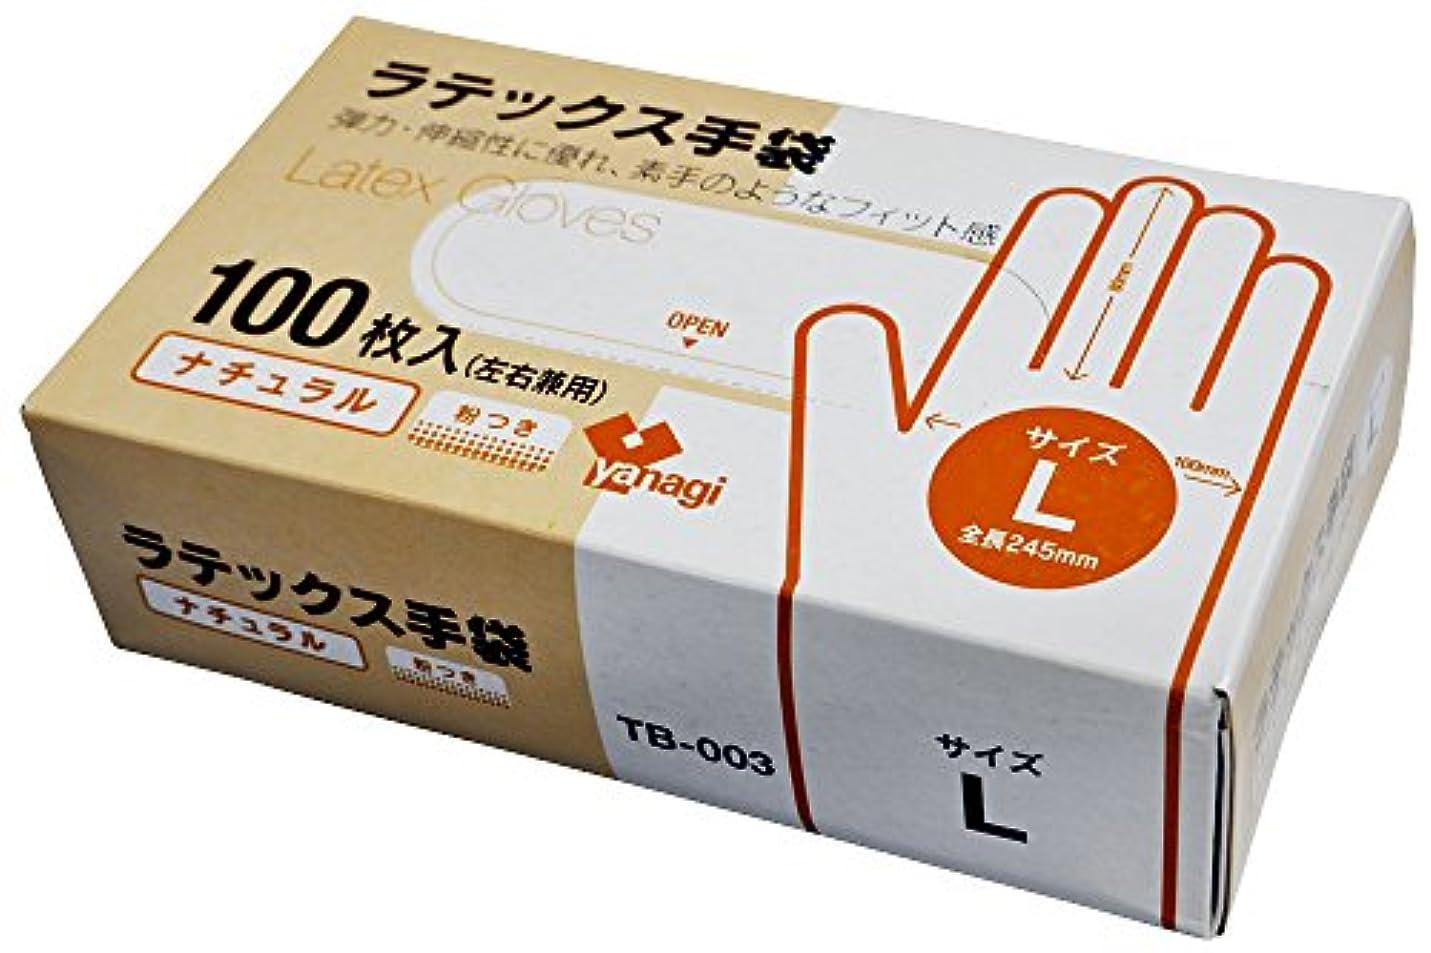 愛ローズマッシュ使い捨て ラテックス手袋 ナチュラル色 左右兼用 Lサイズ 100枚入 粉つき 食品衛生法規格基準適合品 TB-003